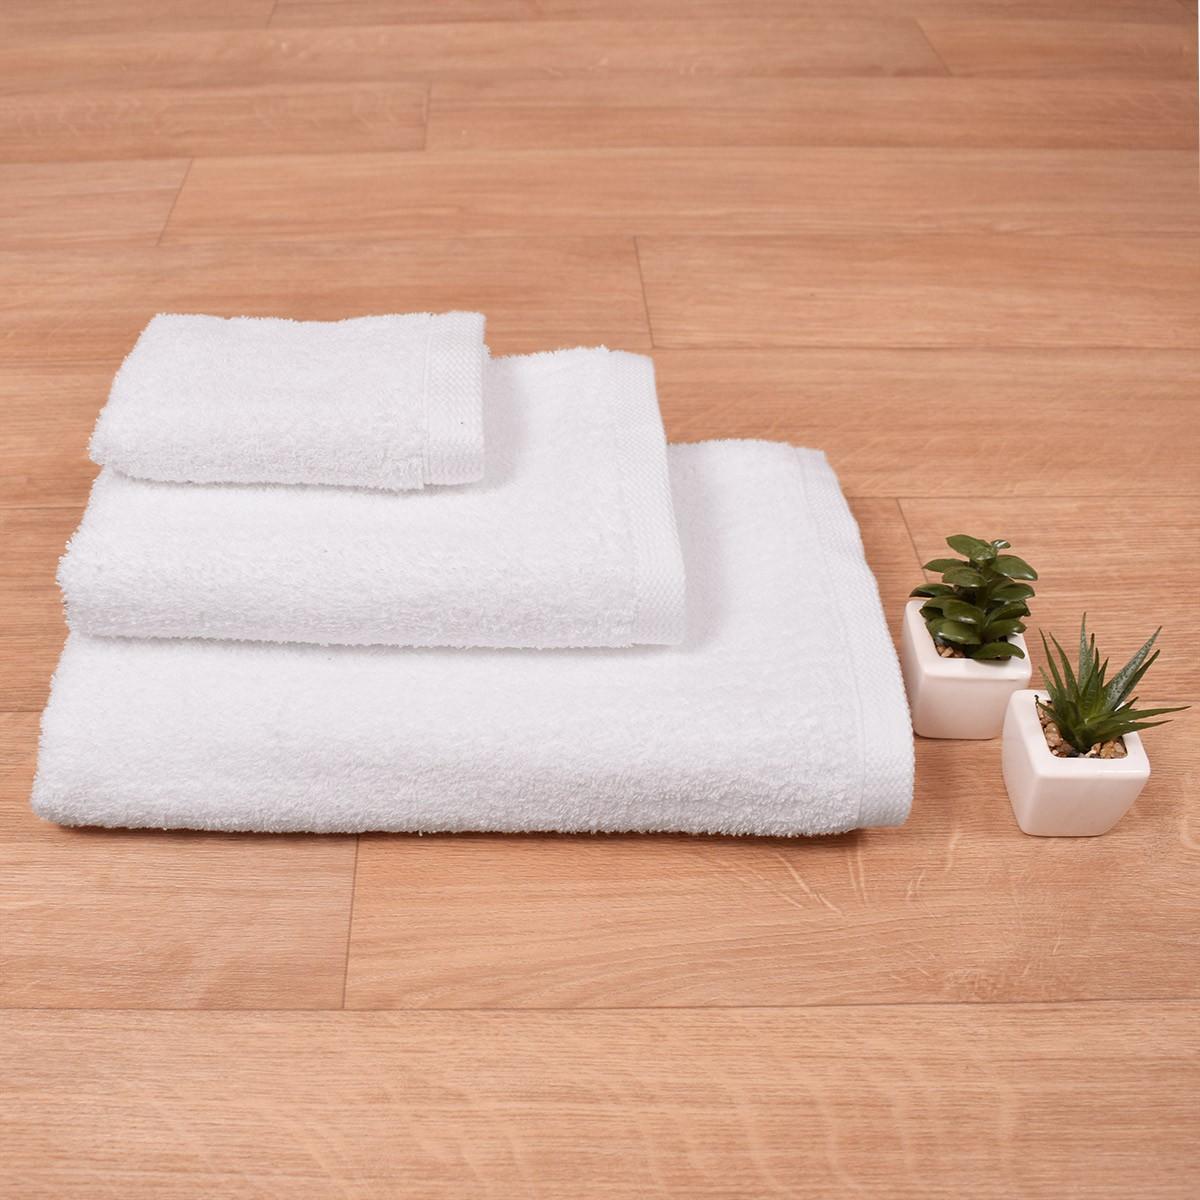 Πετσέτα Προσώπου Λευκή (50x95) Nara 420gr/m2